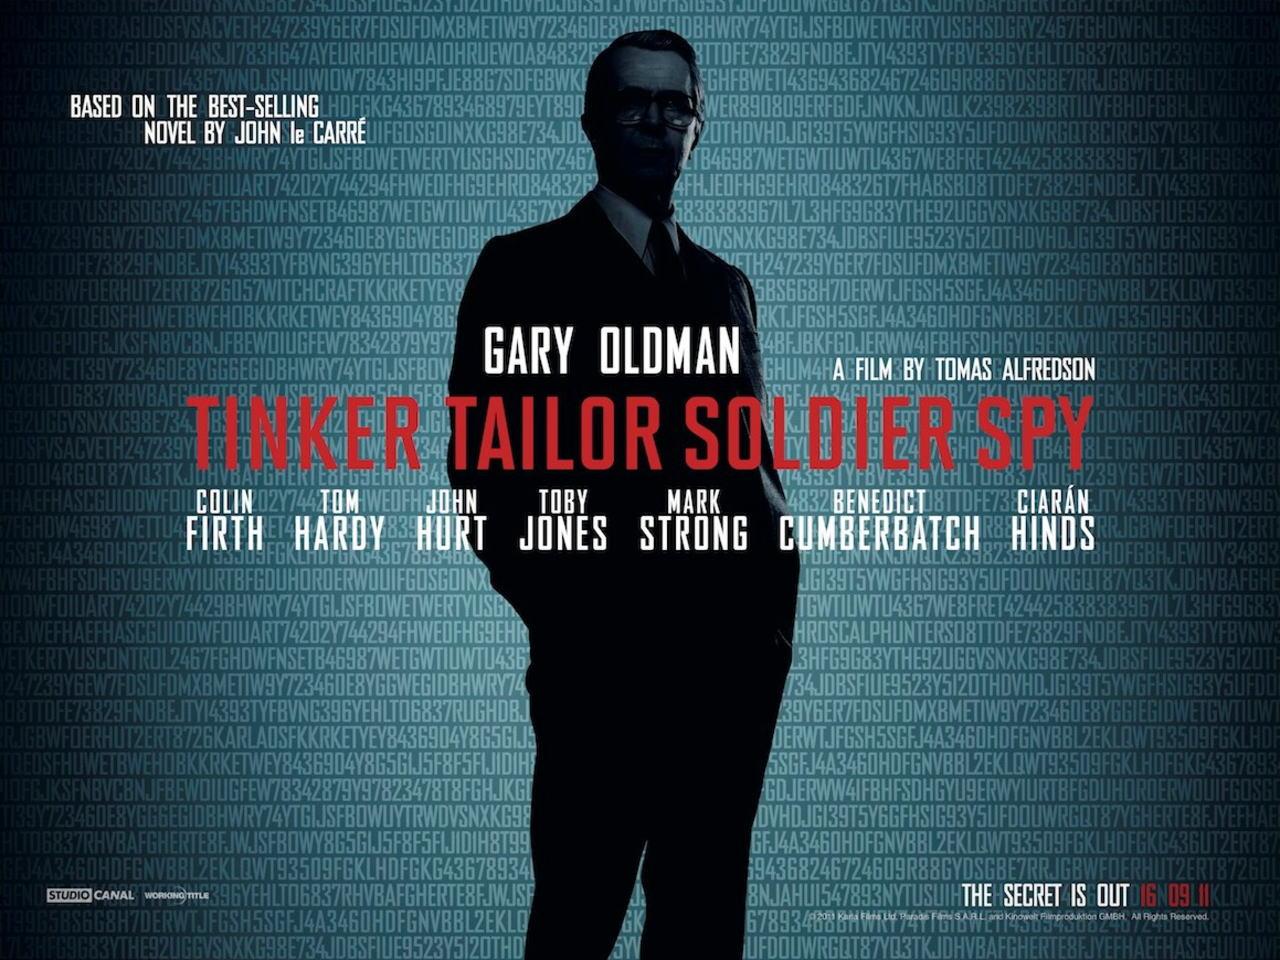 映画『裏切りのサーカス TINKER TAILOR SOLDIER SPY』ポスター(2) ▼ポスター画像クリックで拡大します。